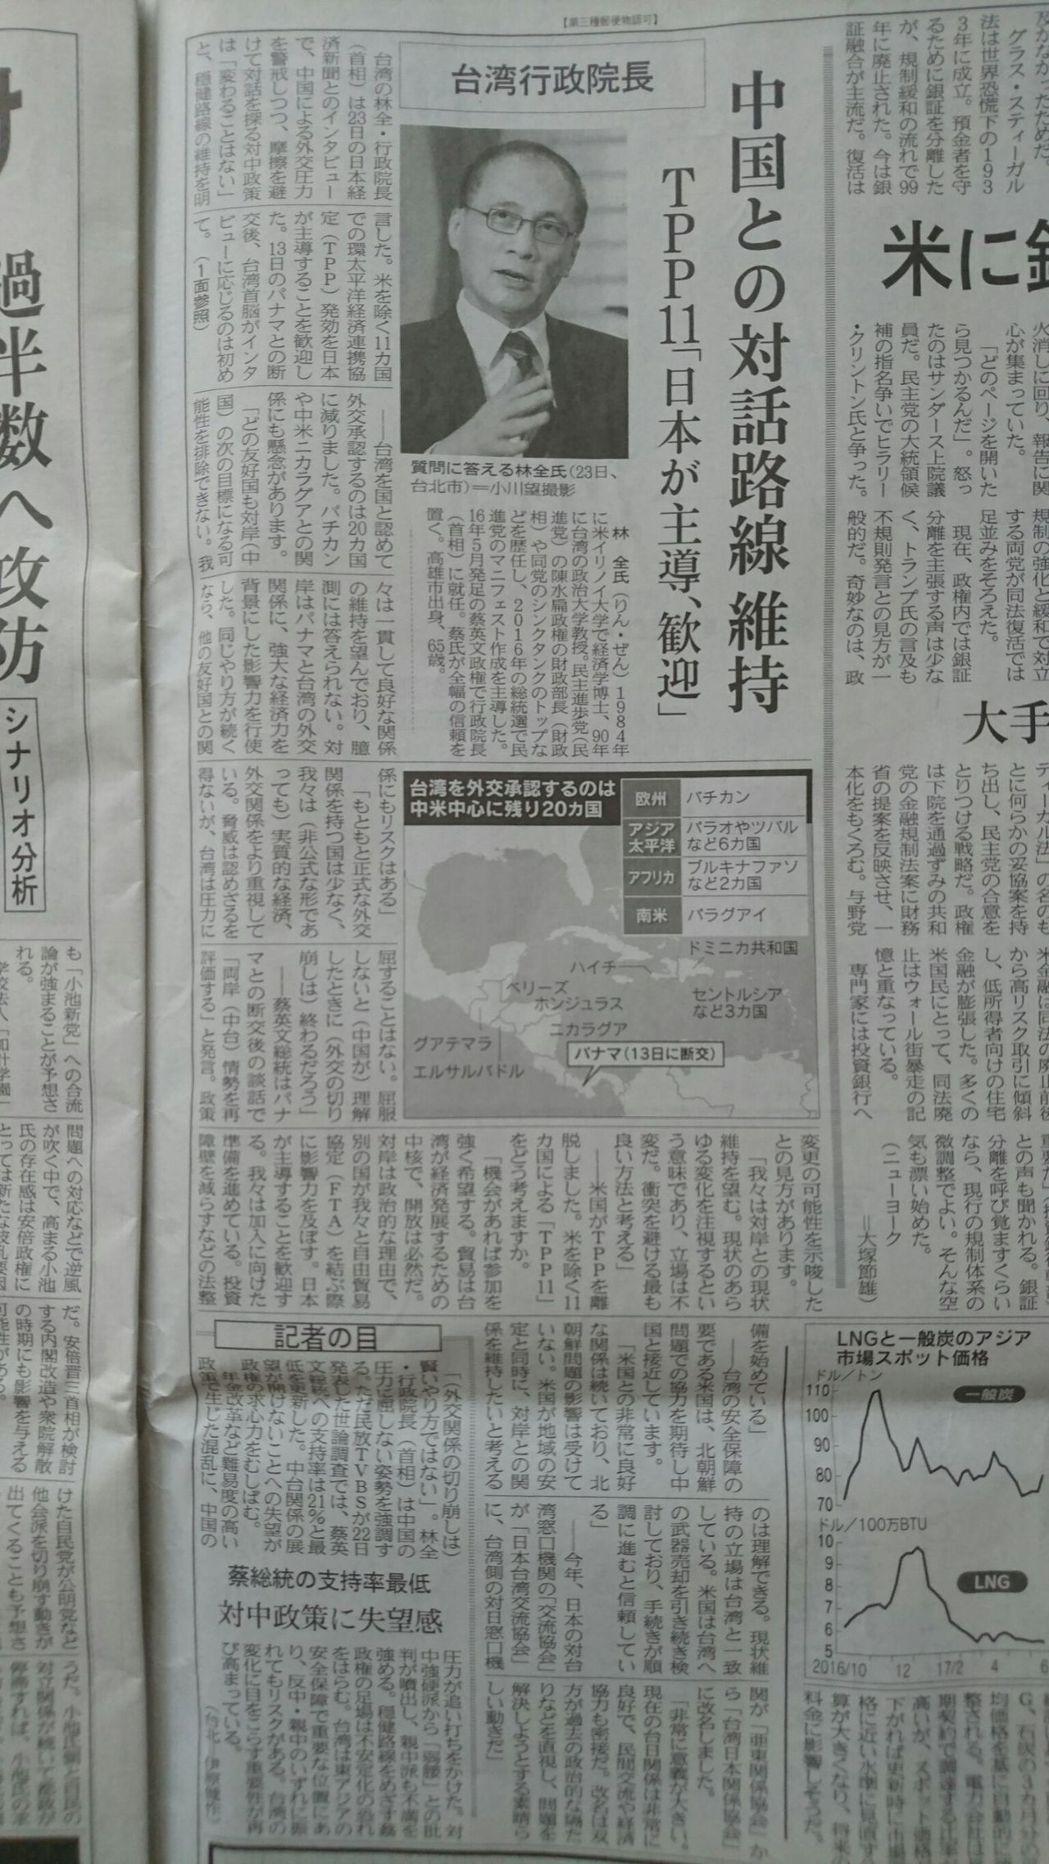 行政院長林全接受日本經濟新聞專訪,表示不會屈服在中國壓力之下。日本經濟新聞製圖列...